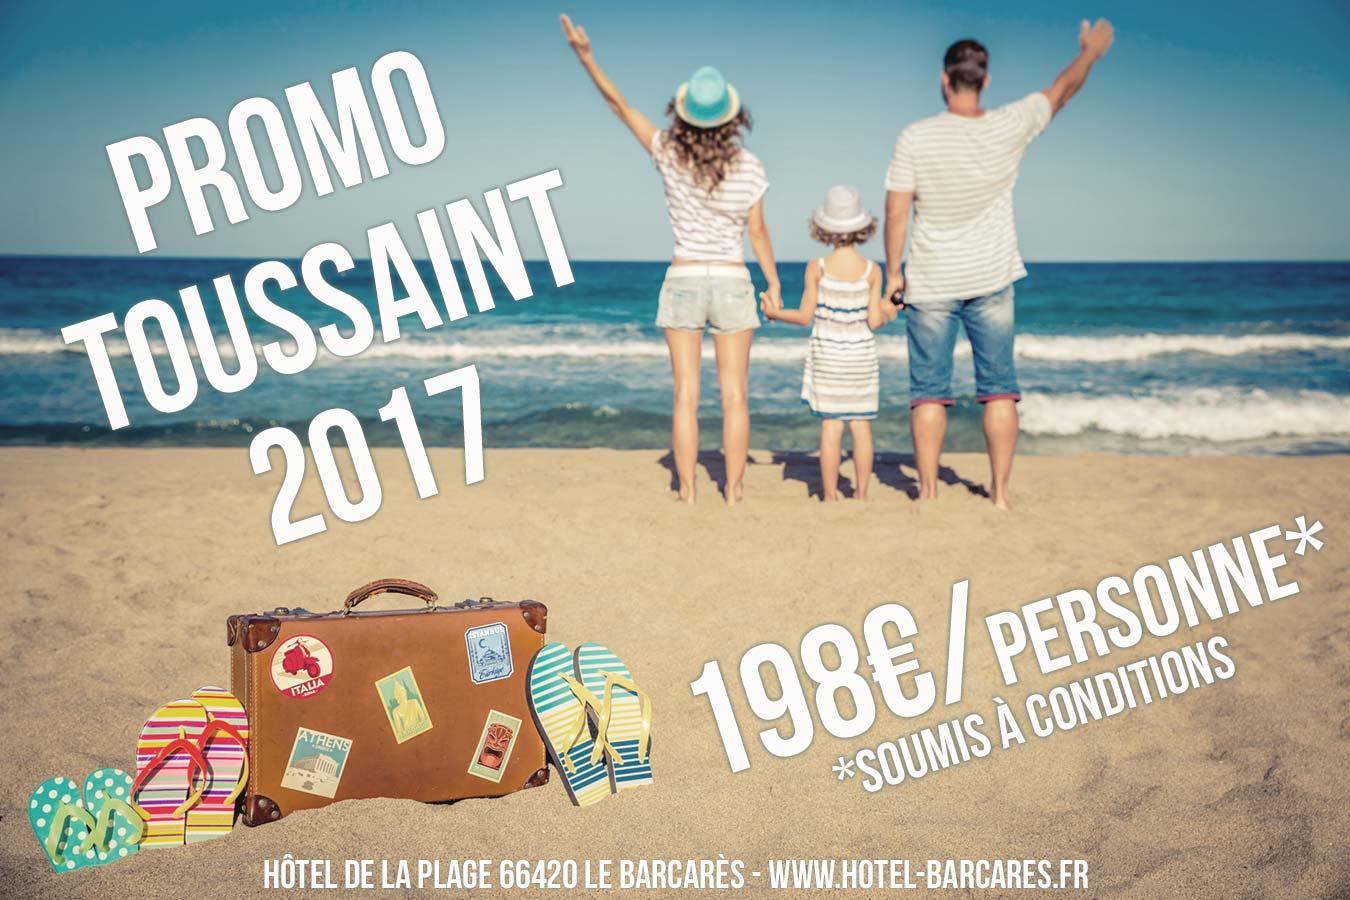 Vacances toussaint 2017 au barcar s 198 personne - Vacances toussaint 2017 rennes ...